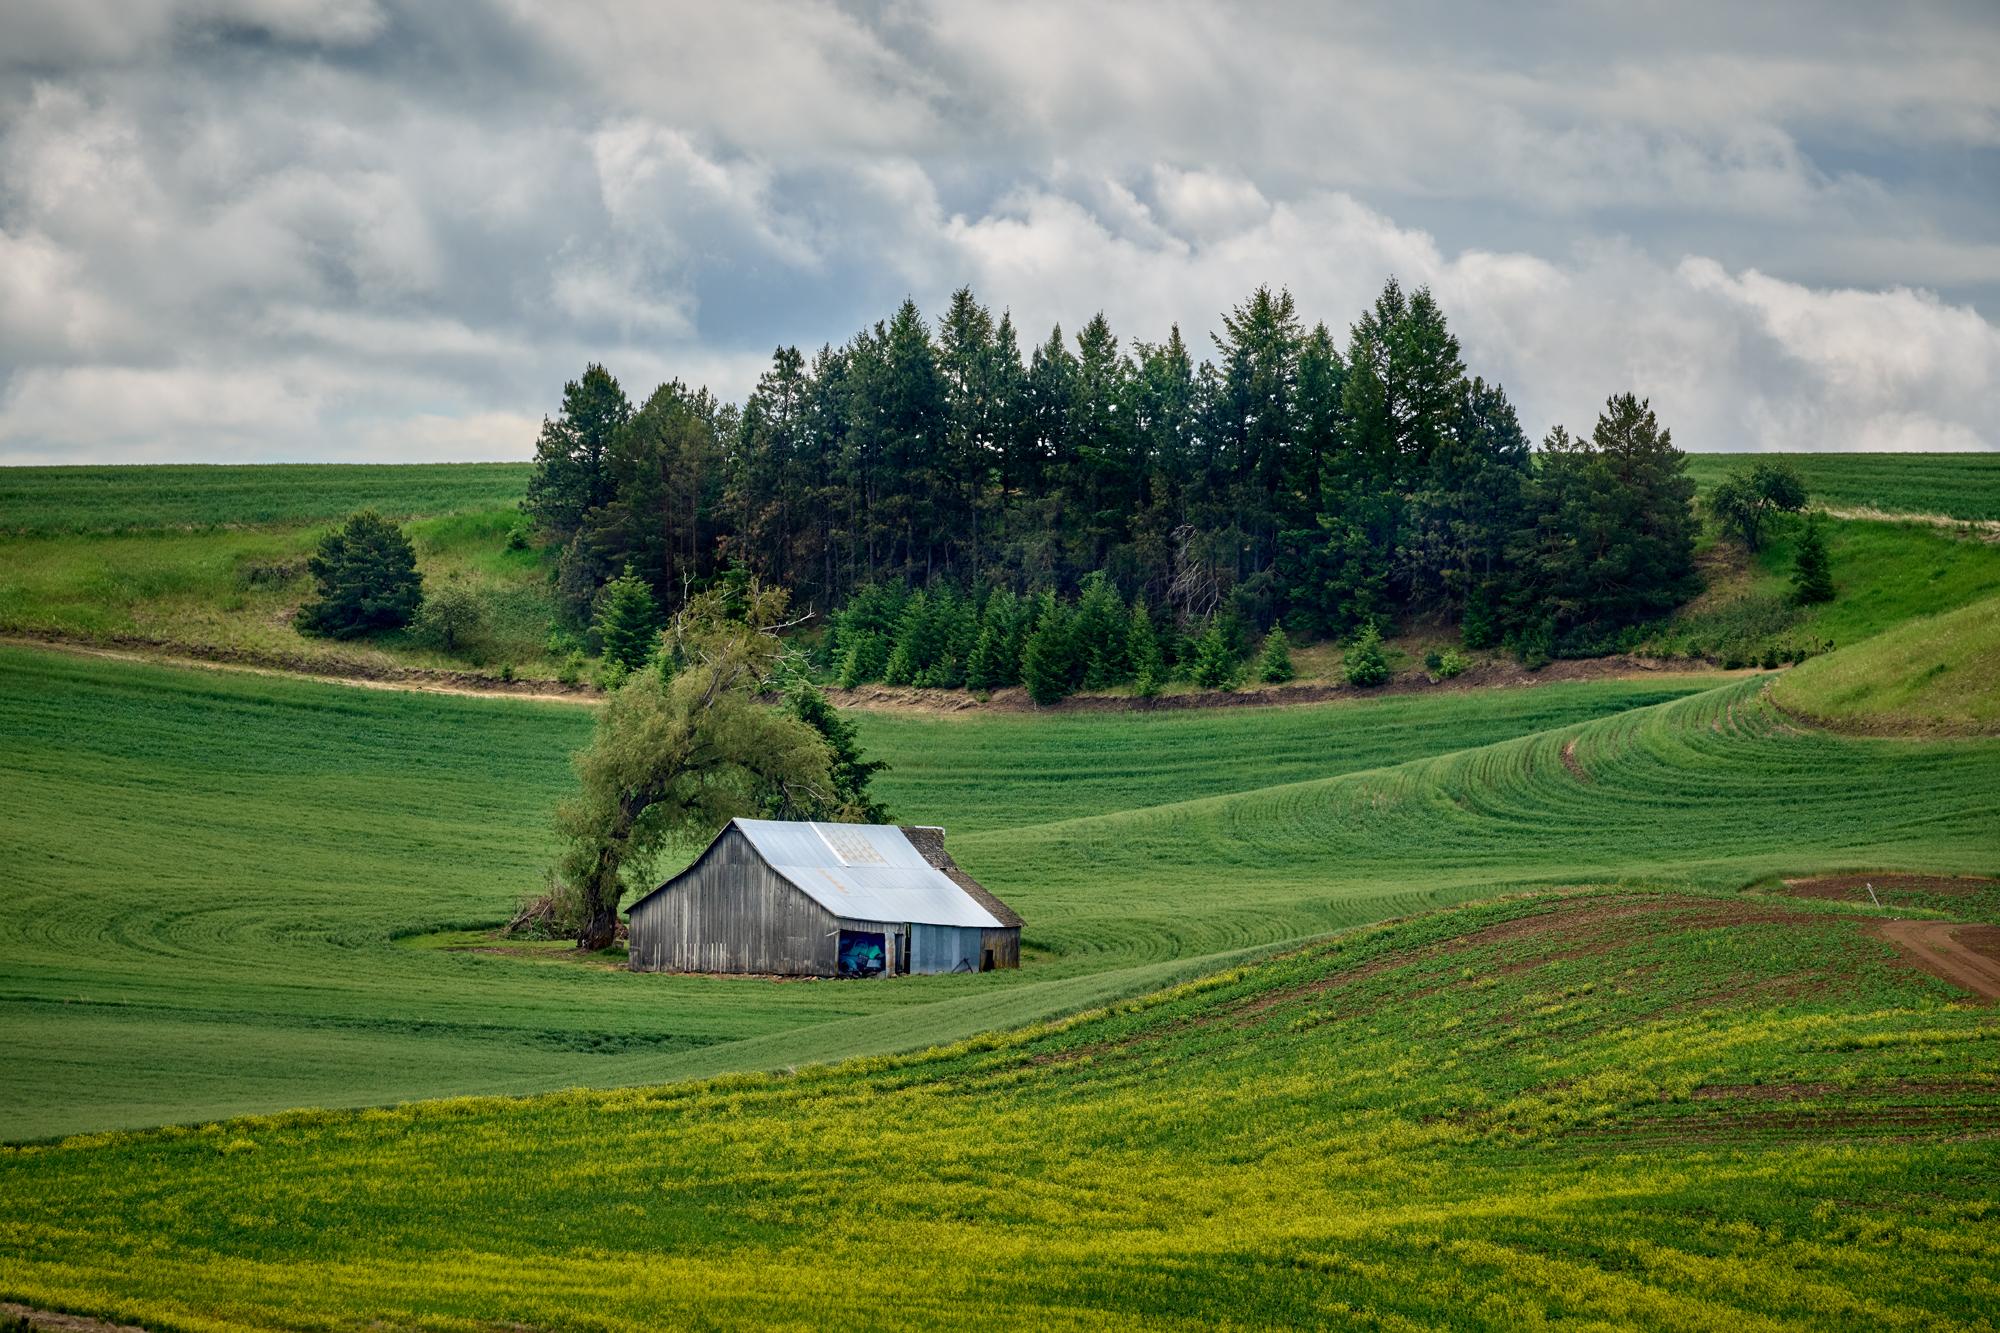 Barn on the hillside